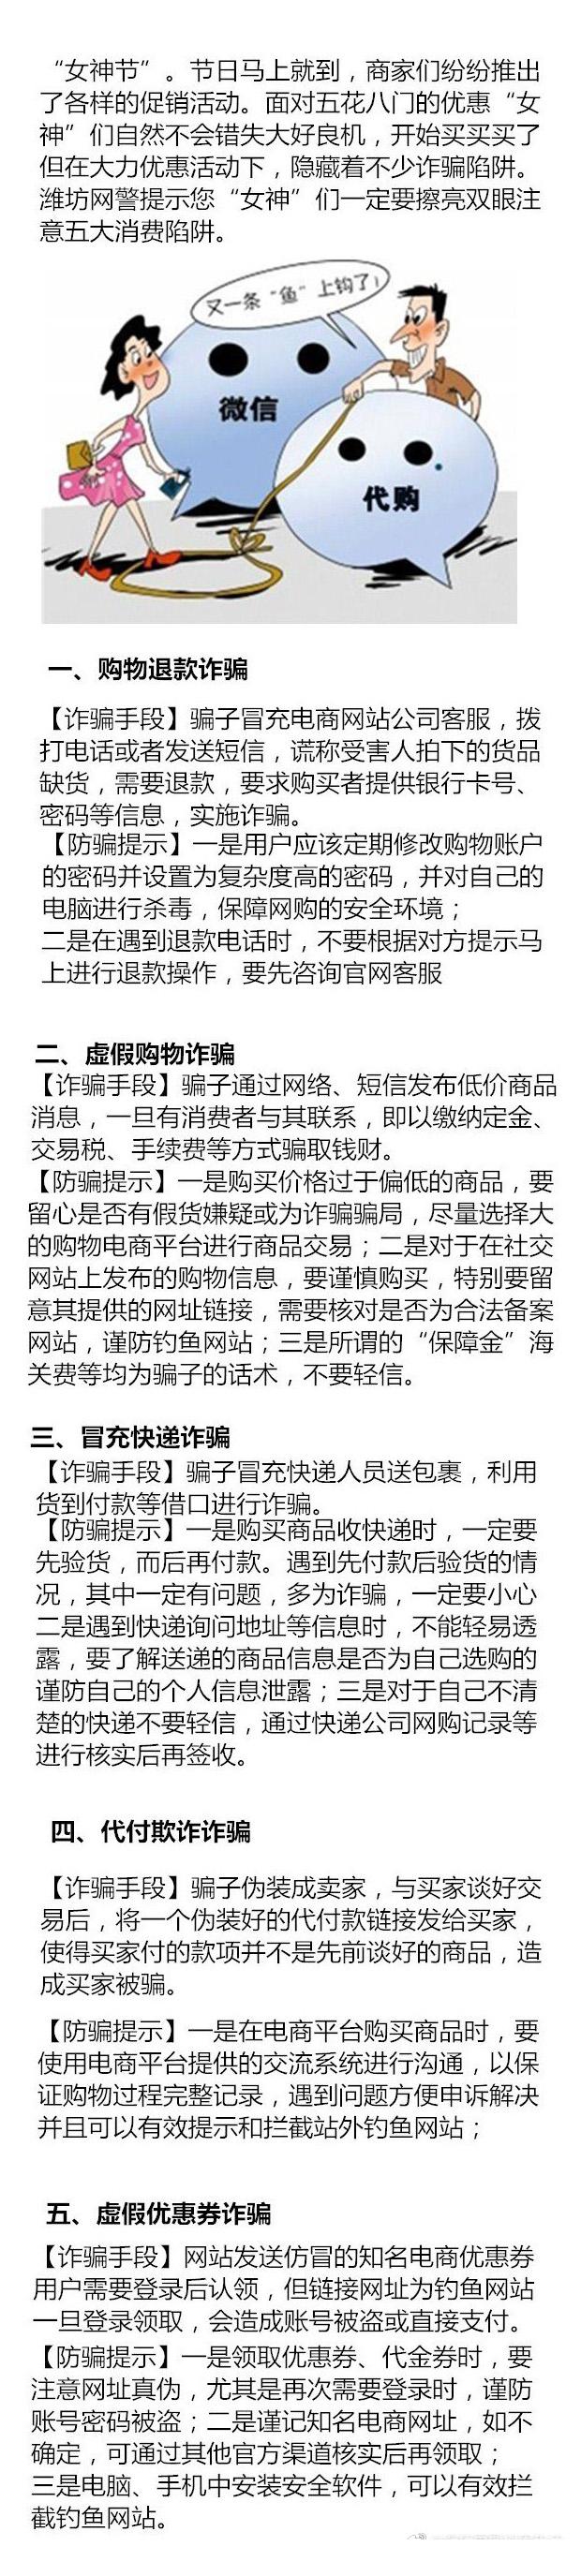 """""""3.8女神节""""网购狂欢注意啥?提示:当心这五大""""陷阱"""""""